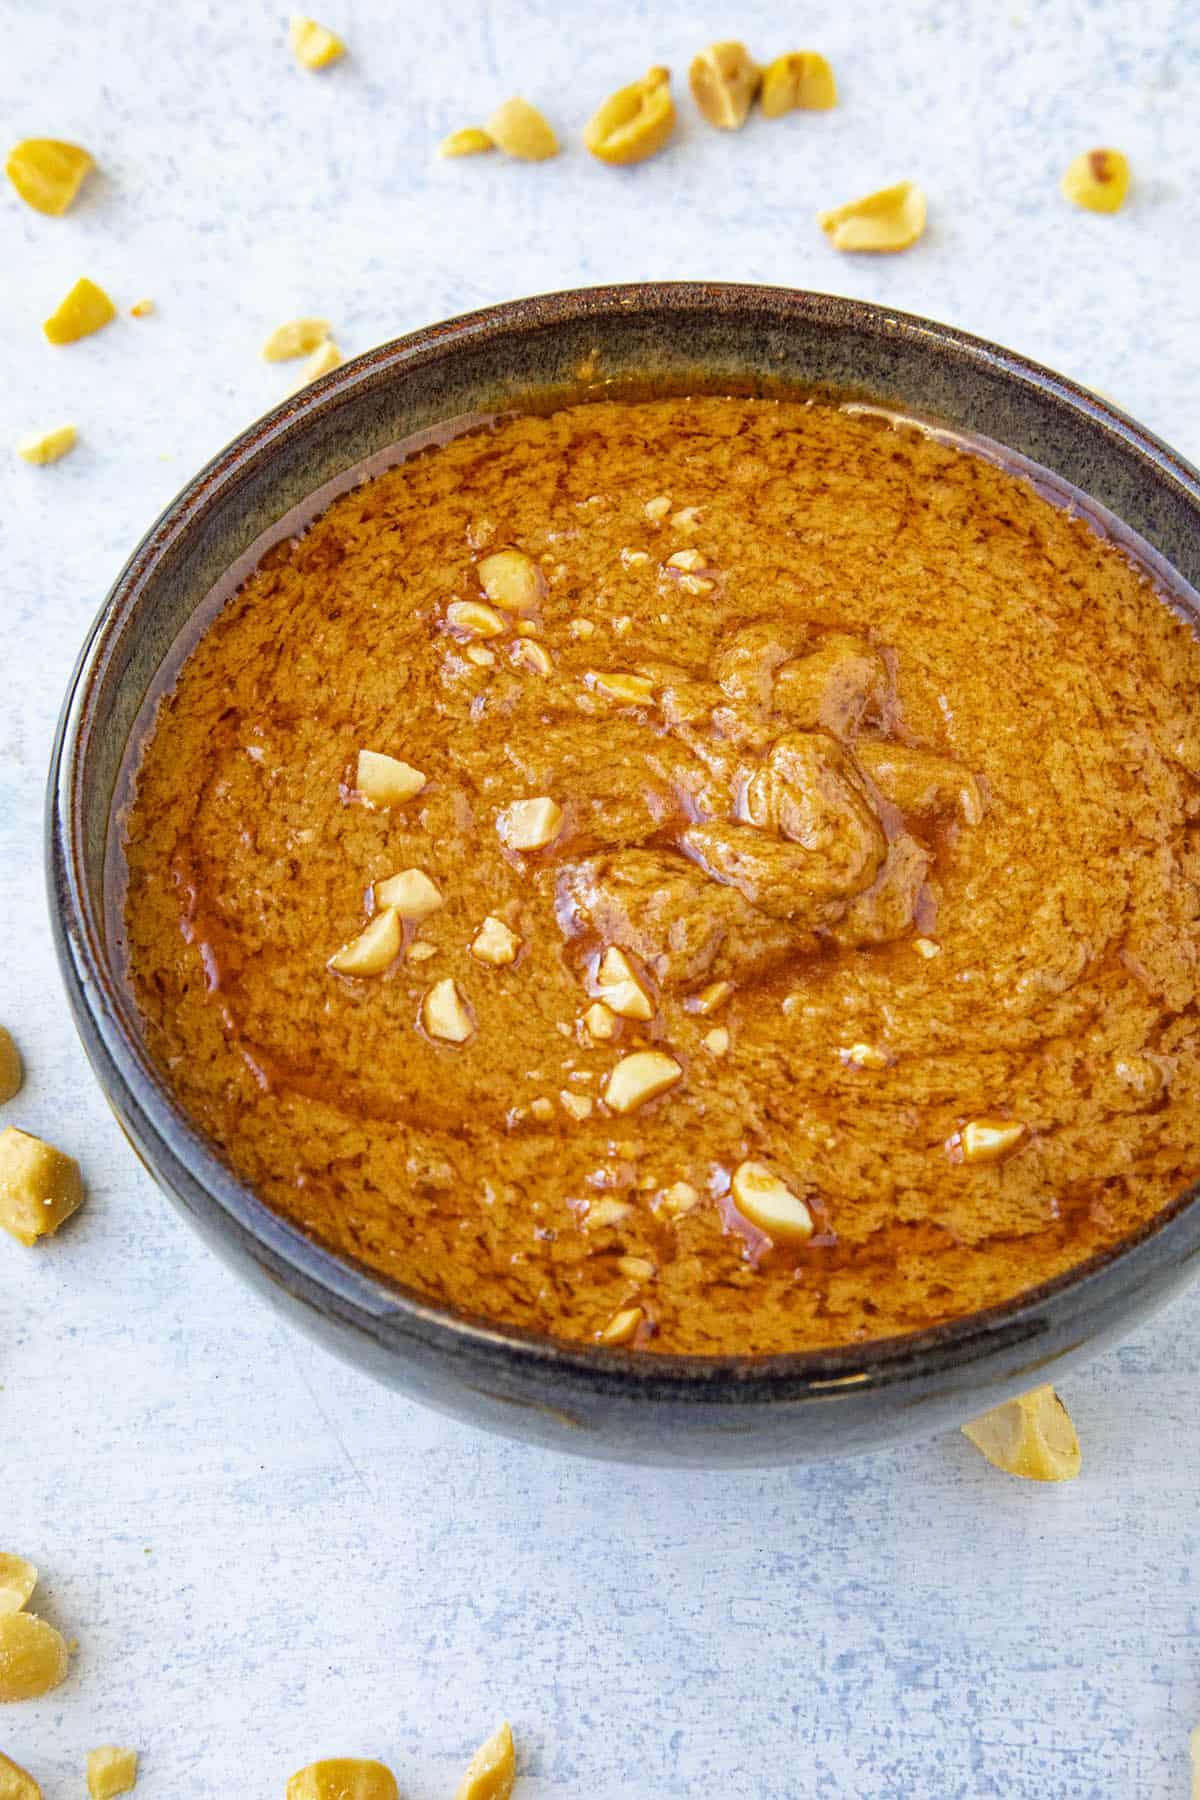 Easy Thai Peanut Sauce in a bowl